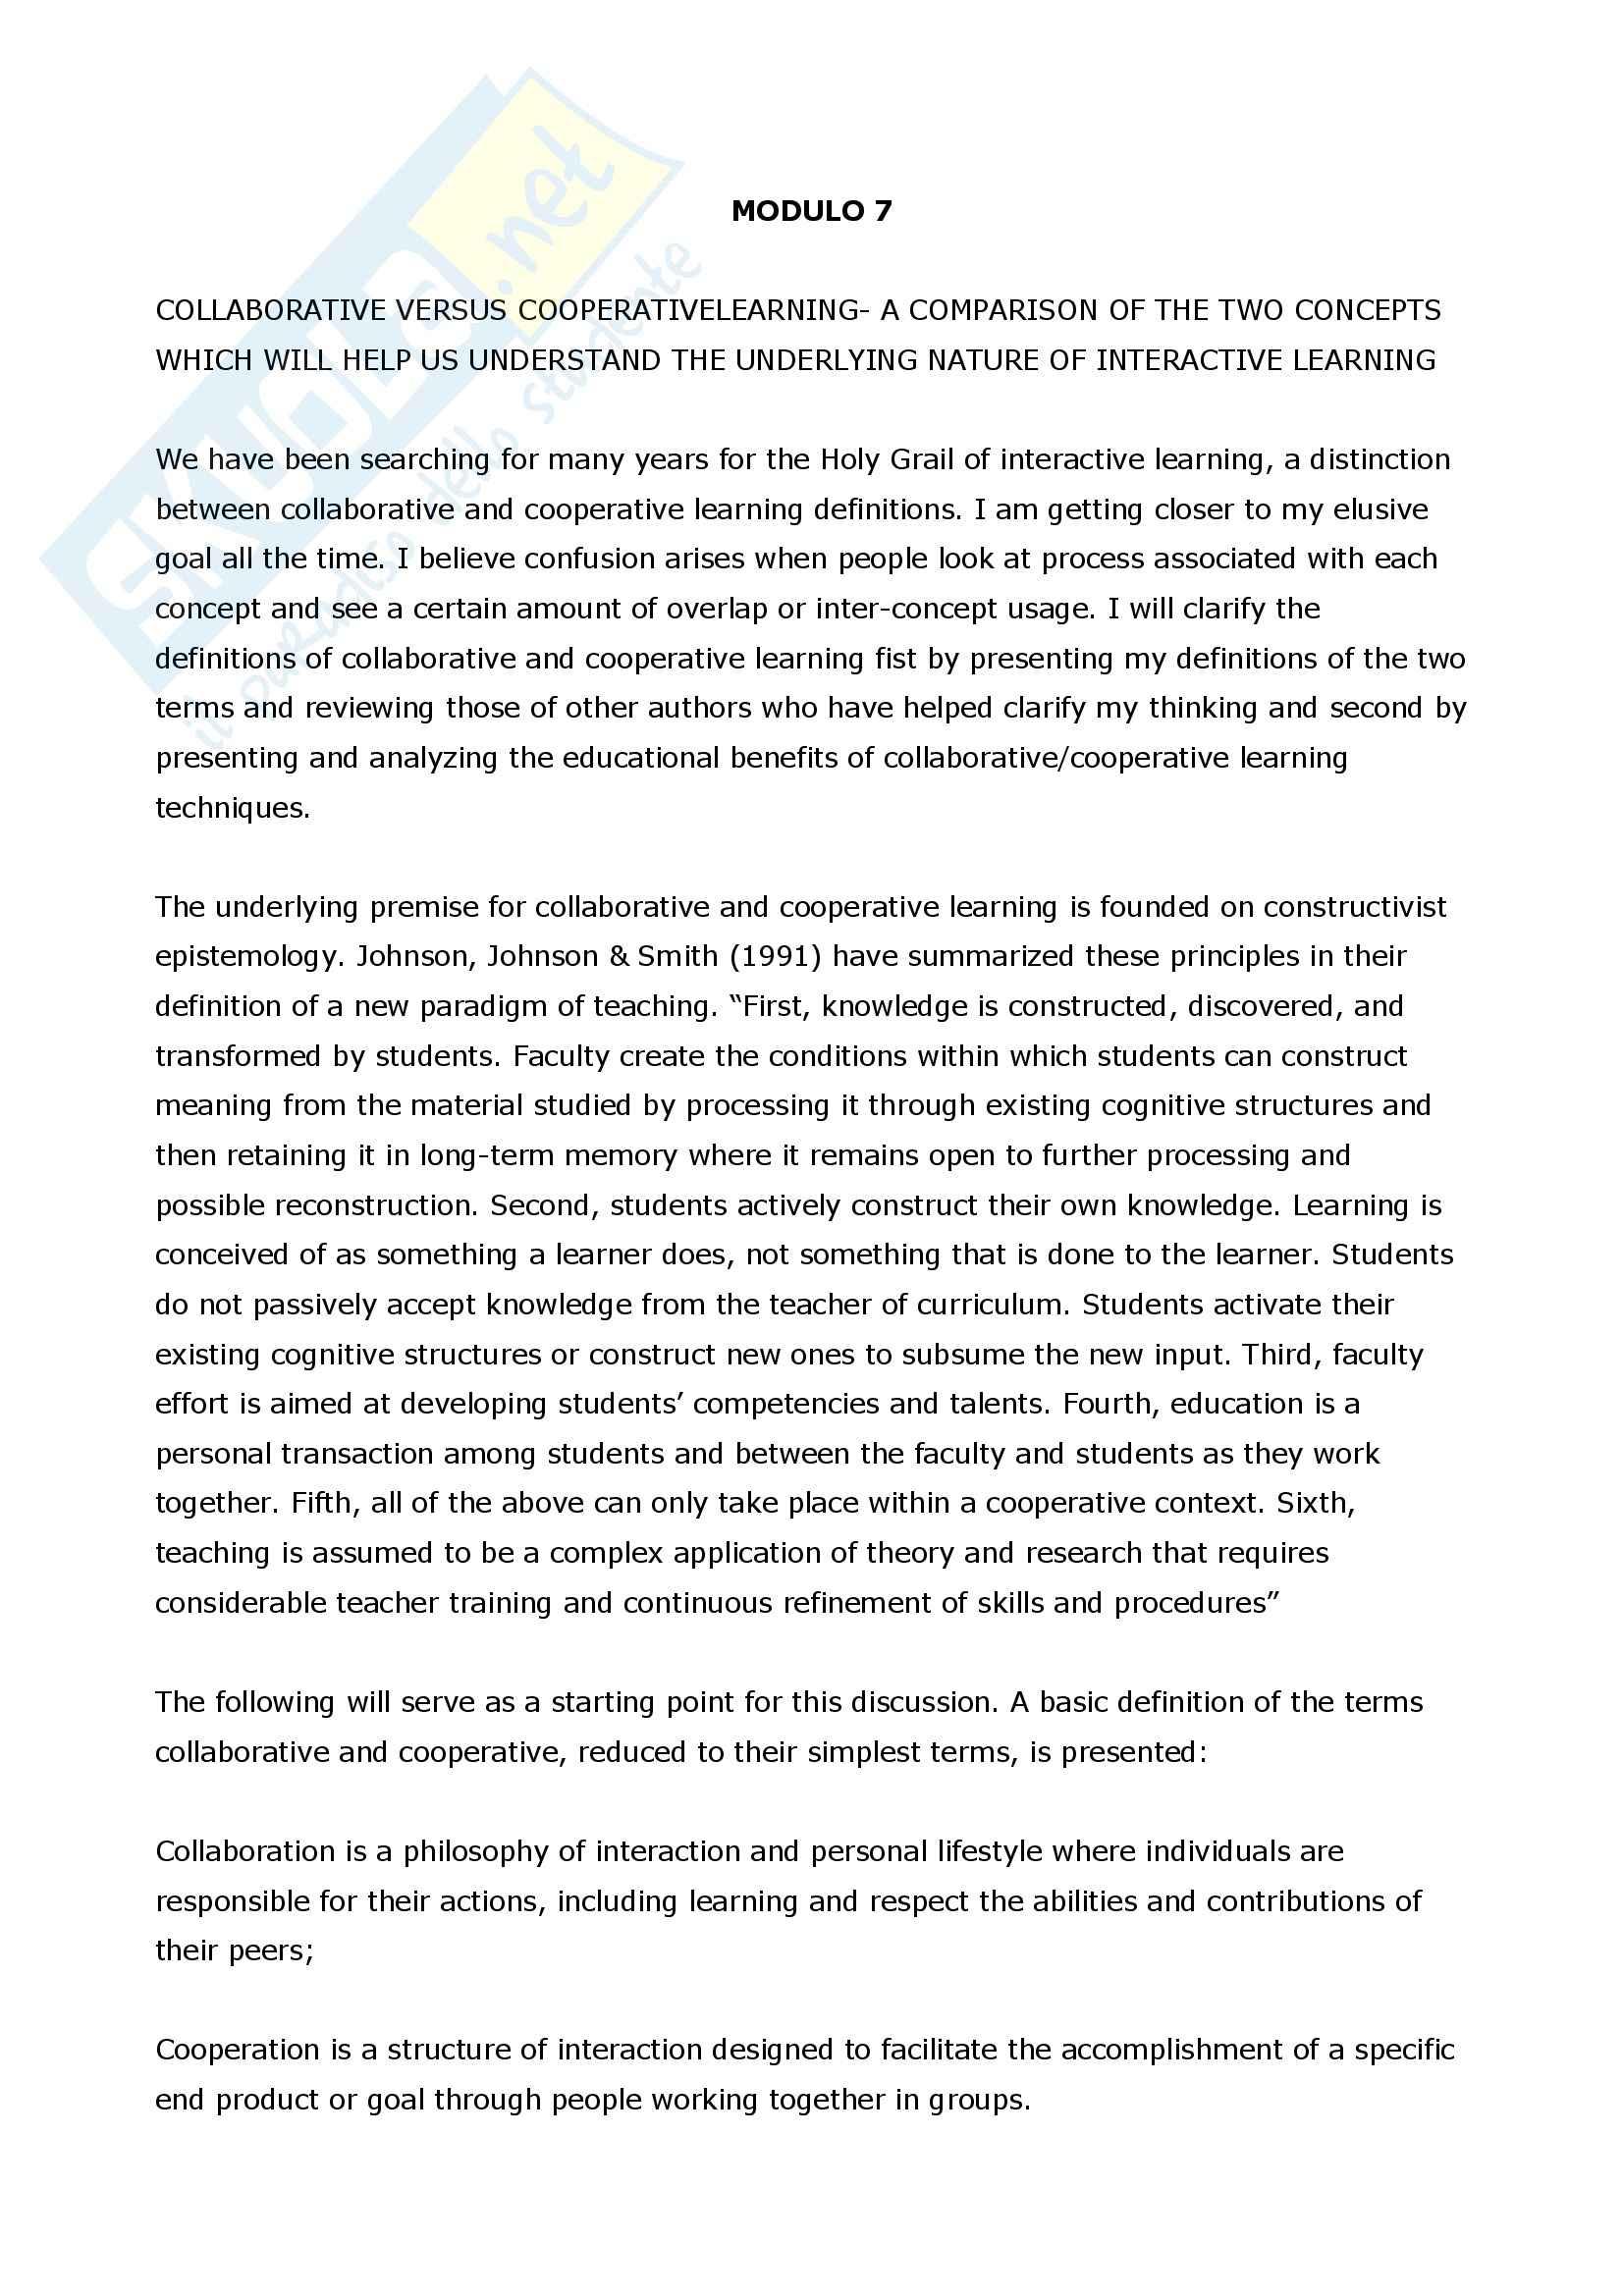 Apprendimento cooperativo e collaborativo - Confronto